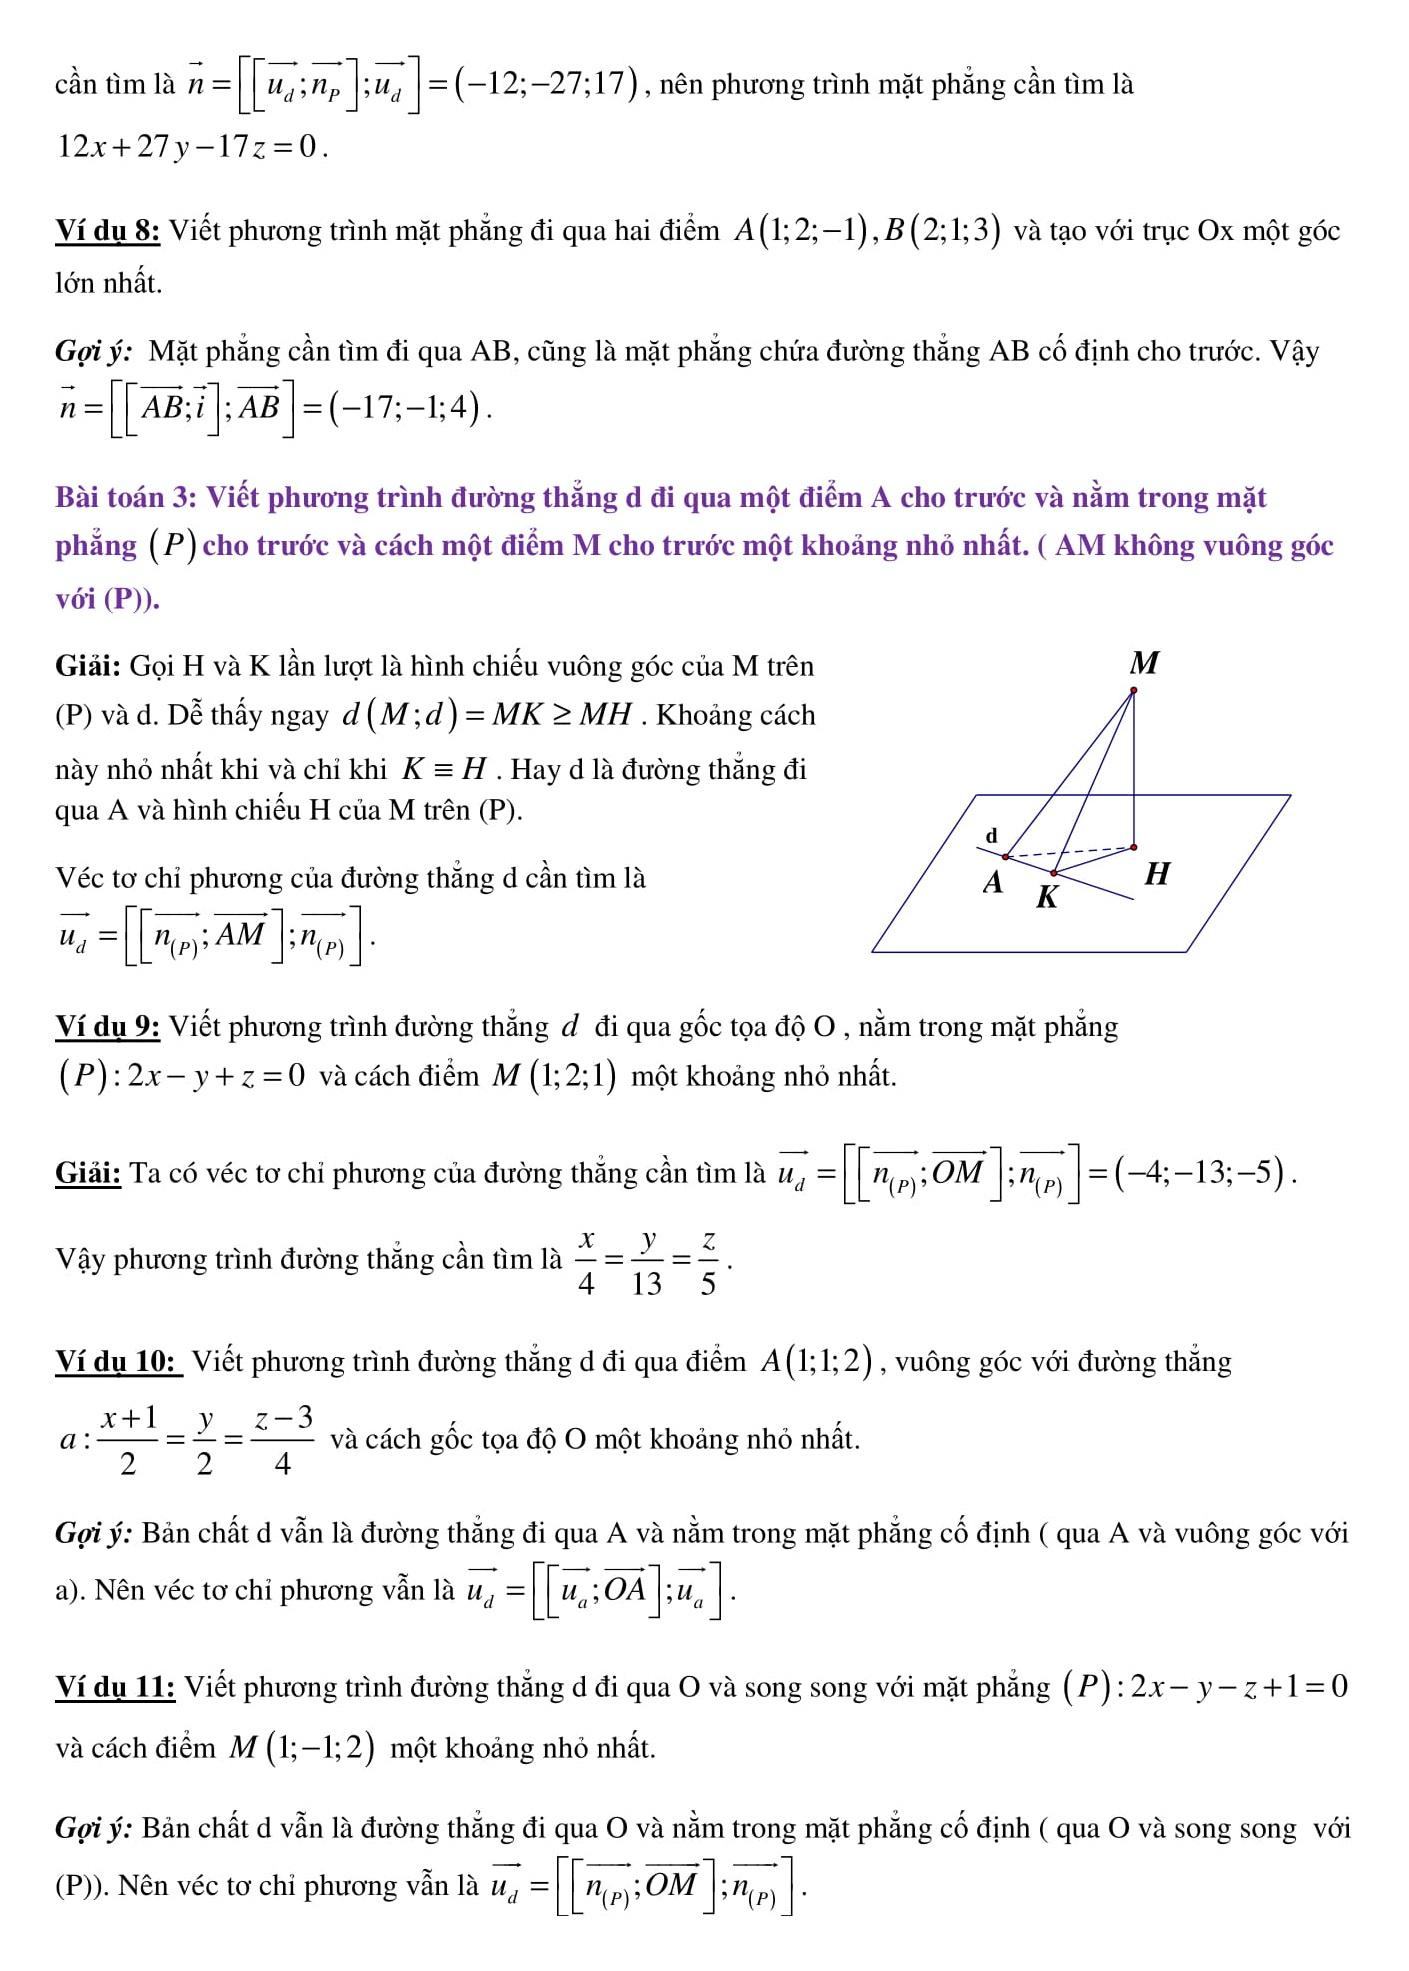 Chuyên đề Hình học không gian - Toán 12